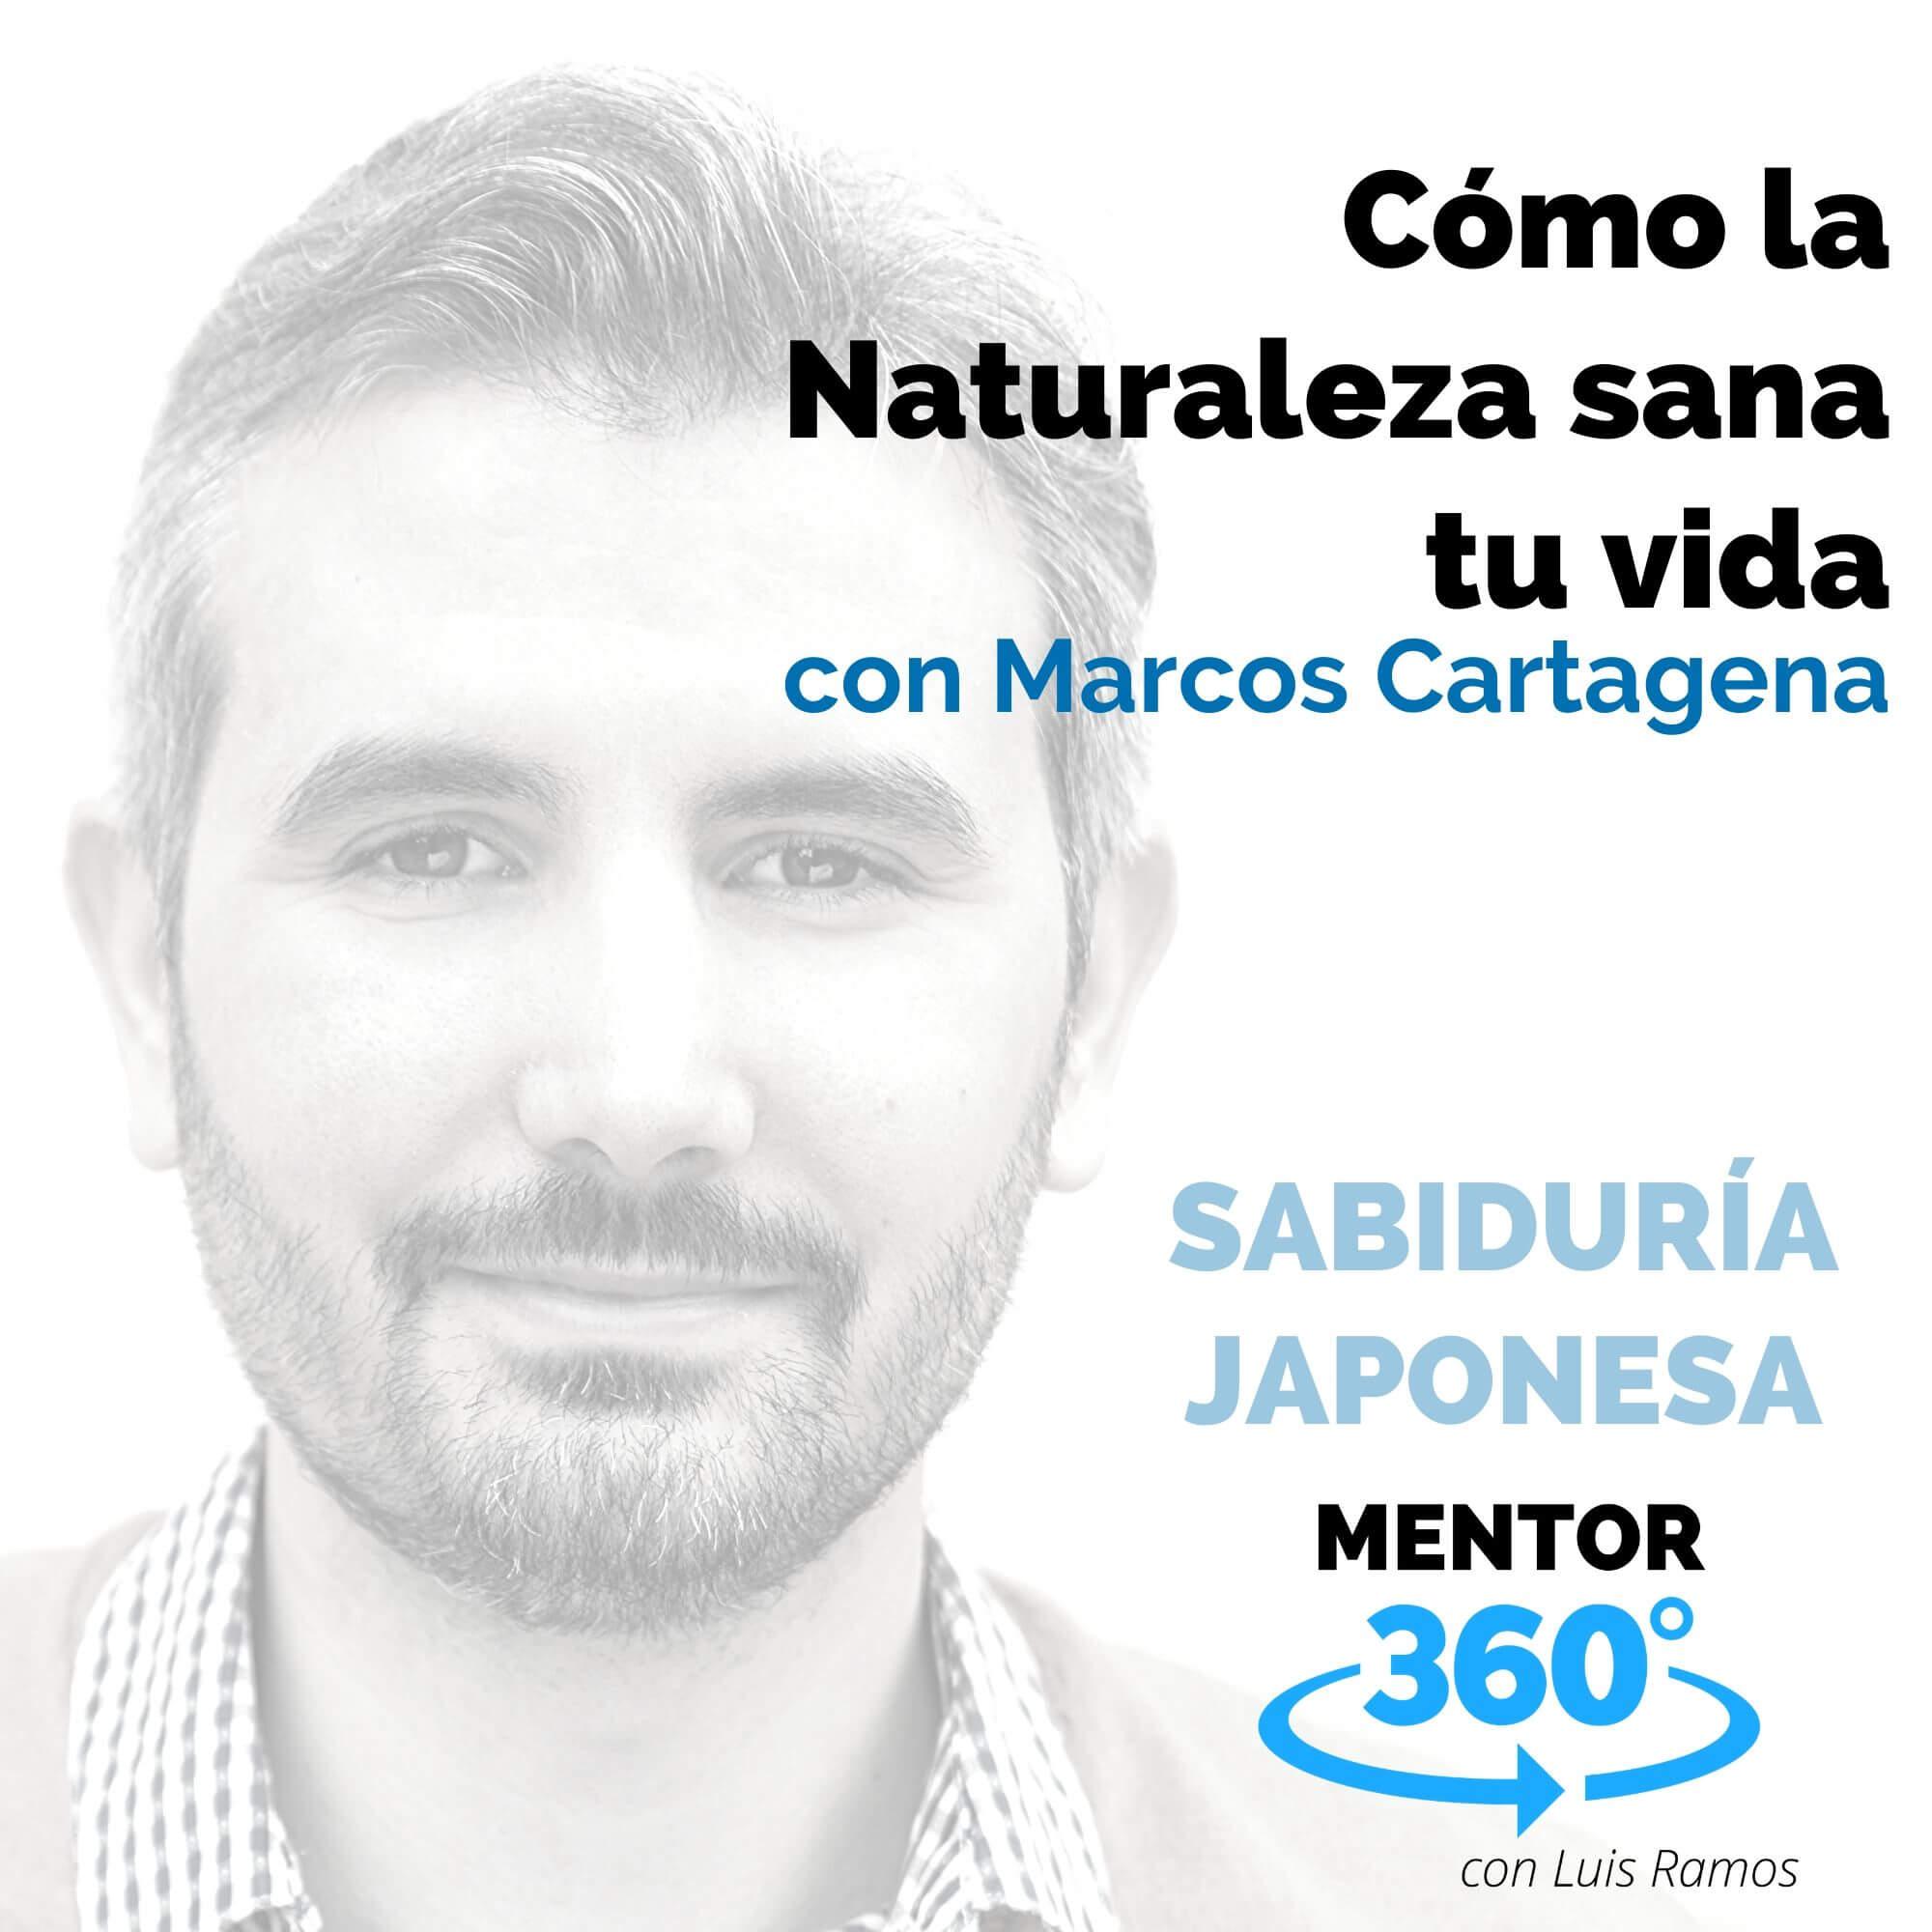 Cómo la Naturaleza sana tu vida, con Marcos Cartagena - SABIDURÍA JAPONESA